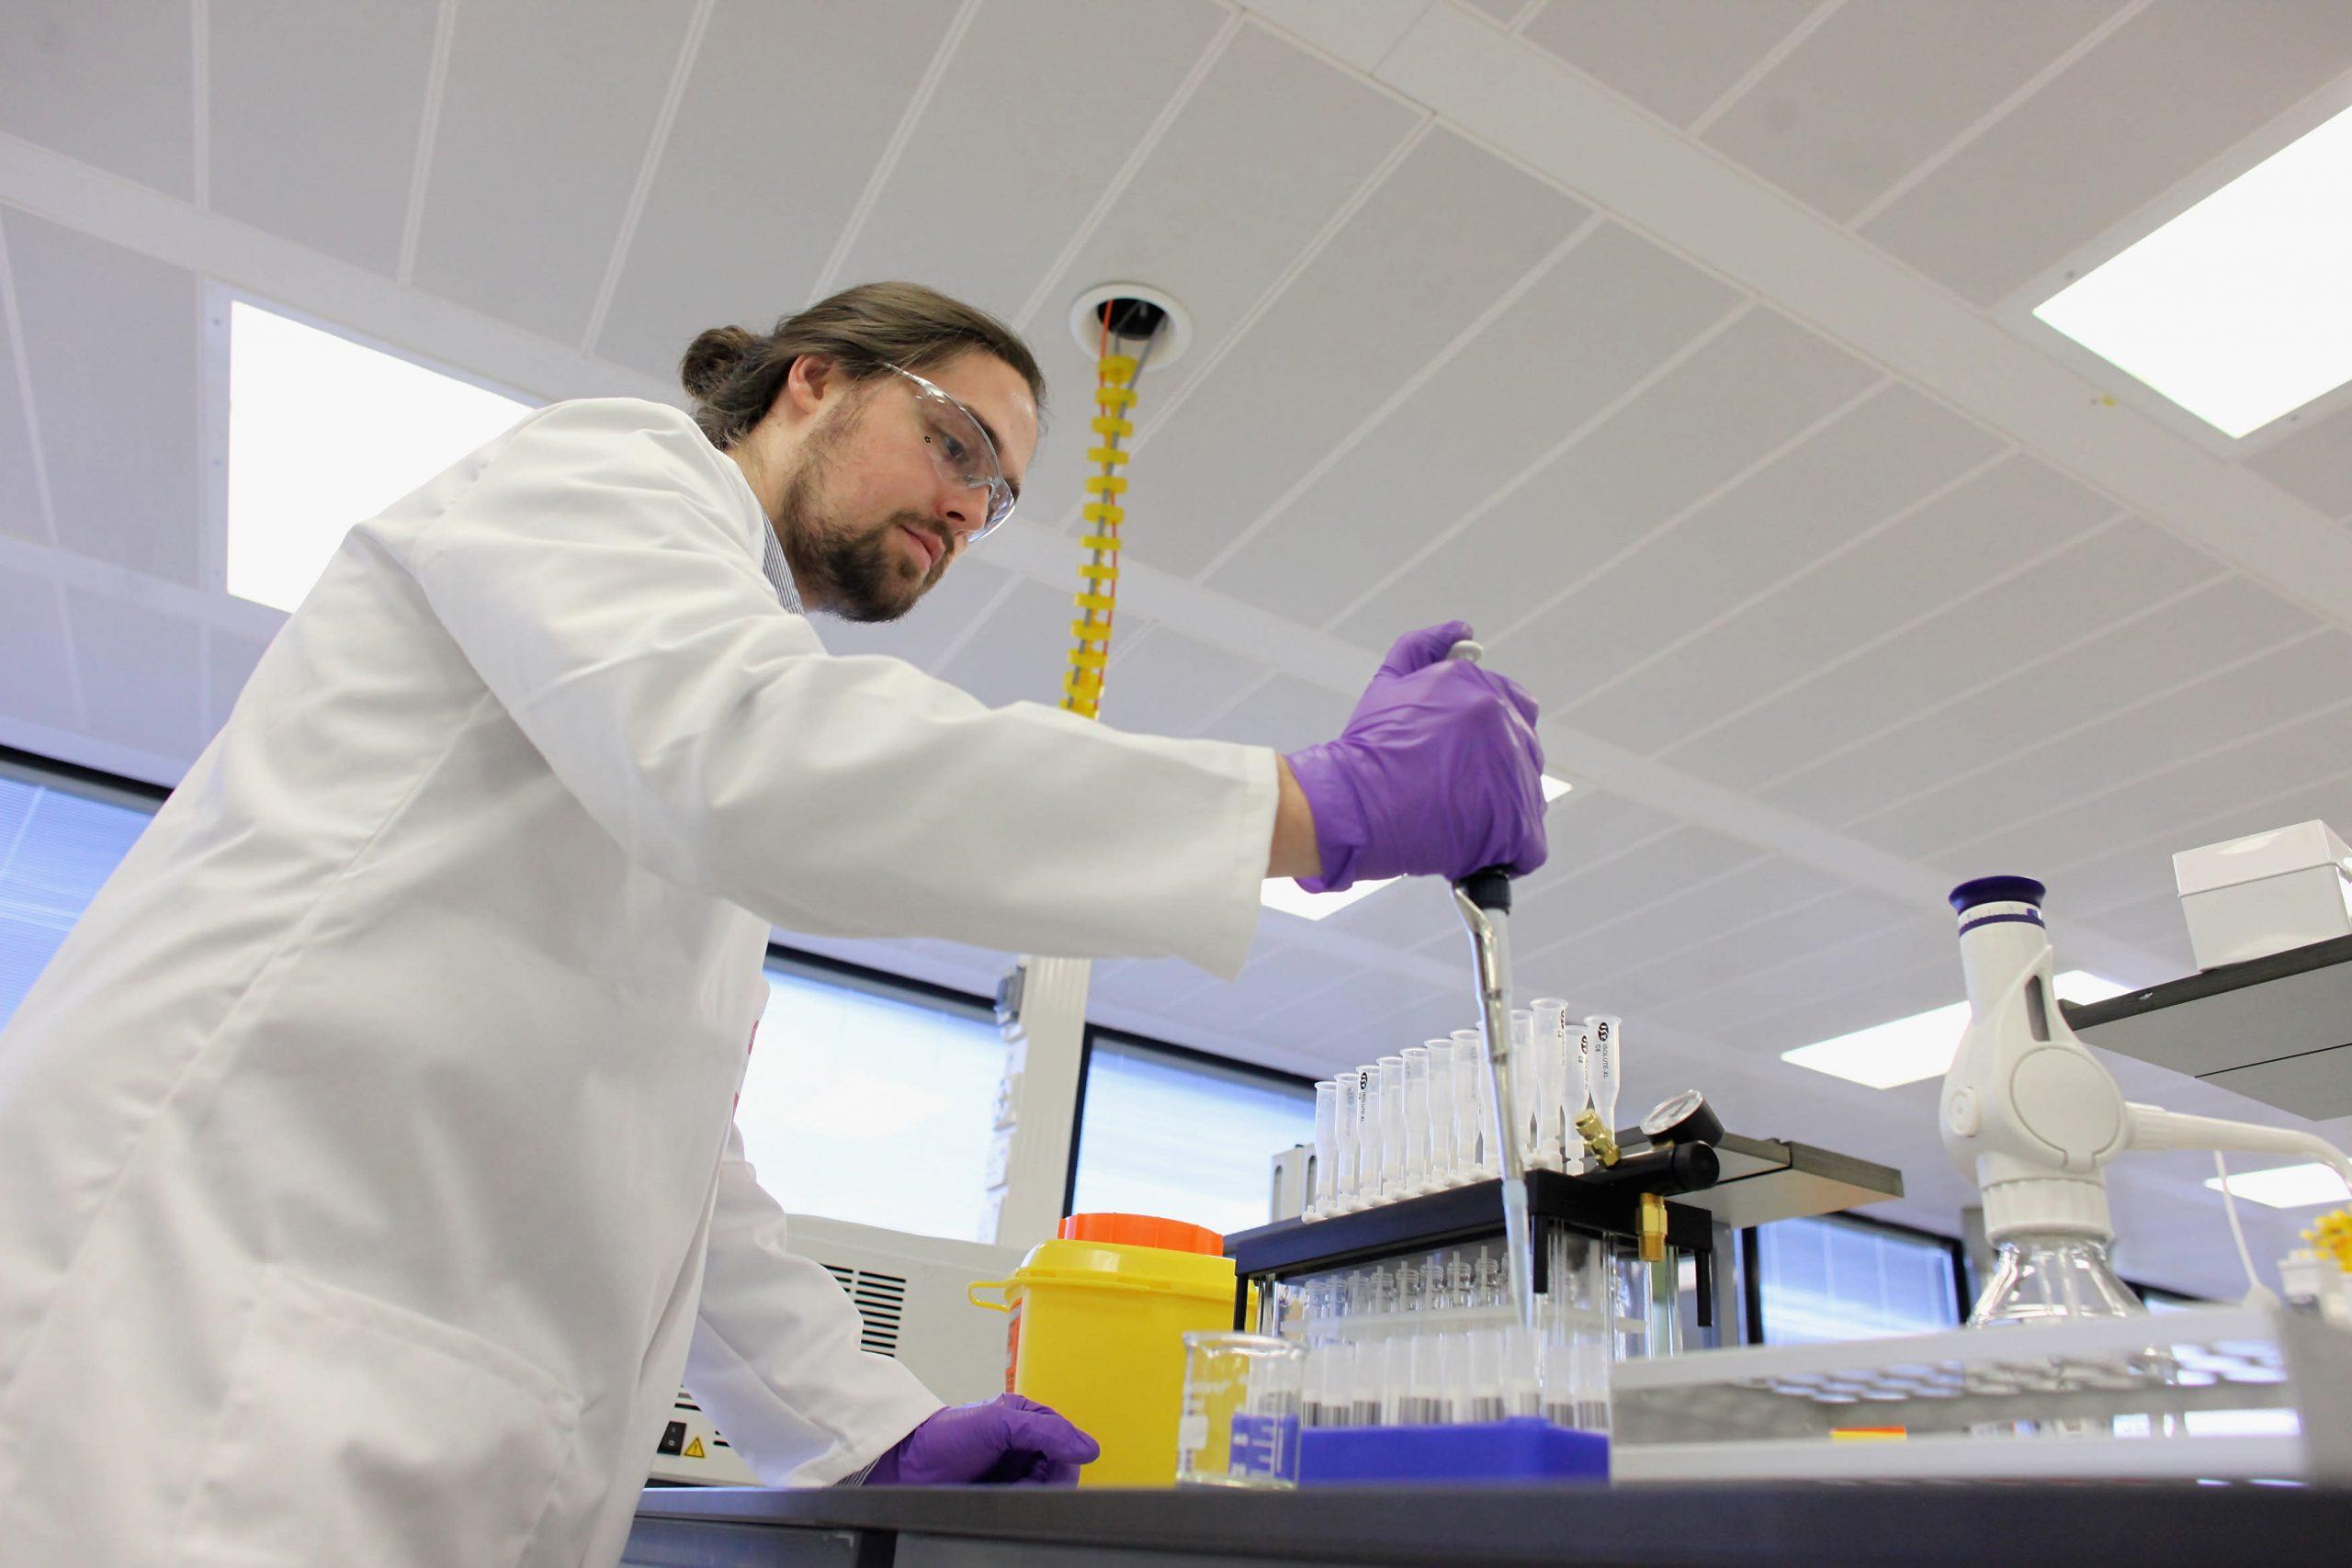 Sanofi : GSK Covid-19 Vaccine Program Is Delayed